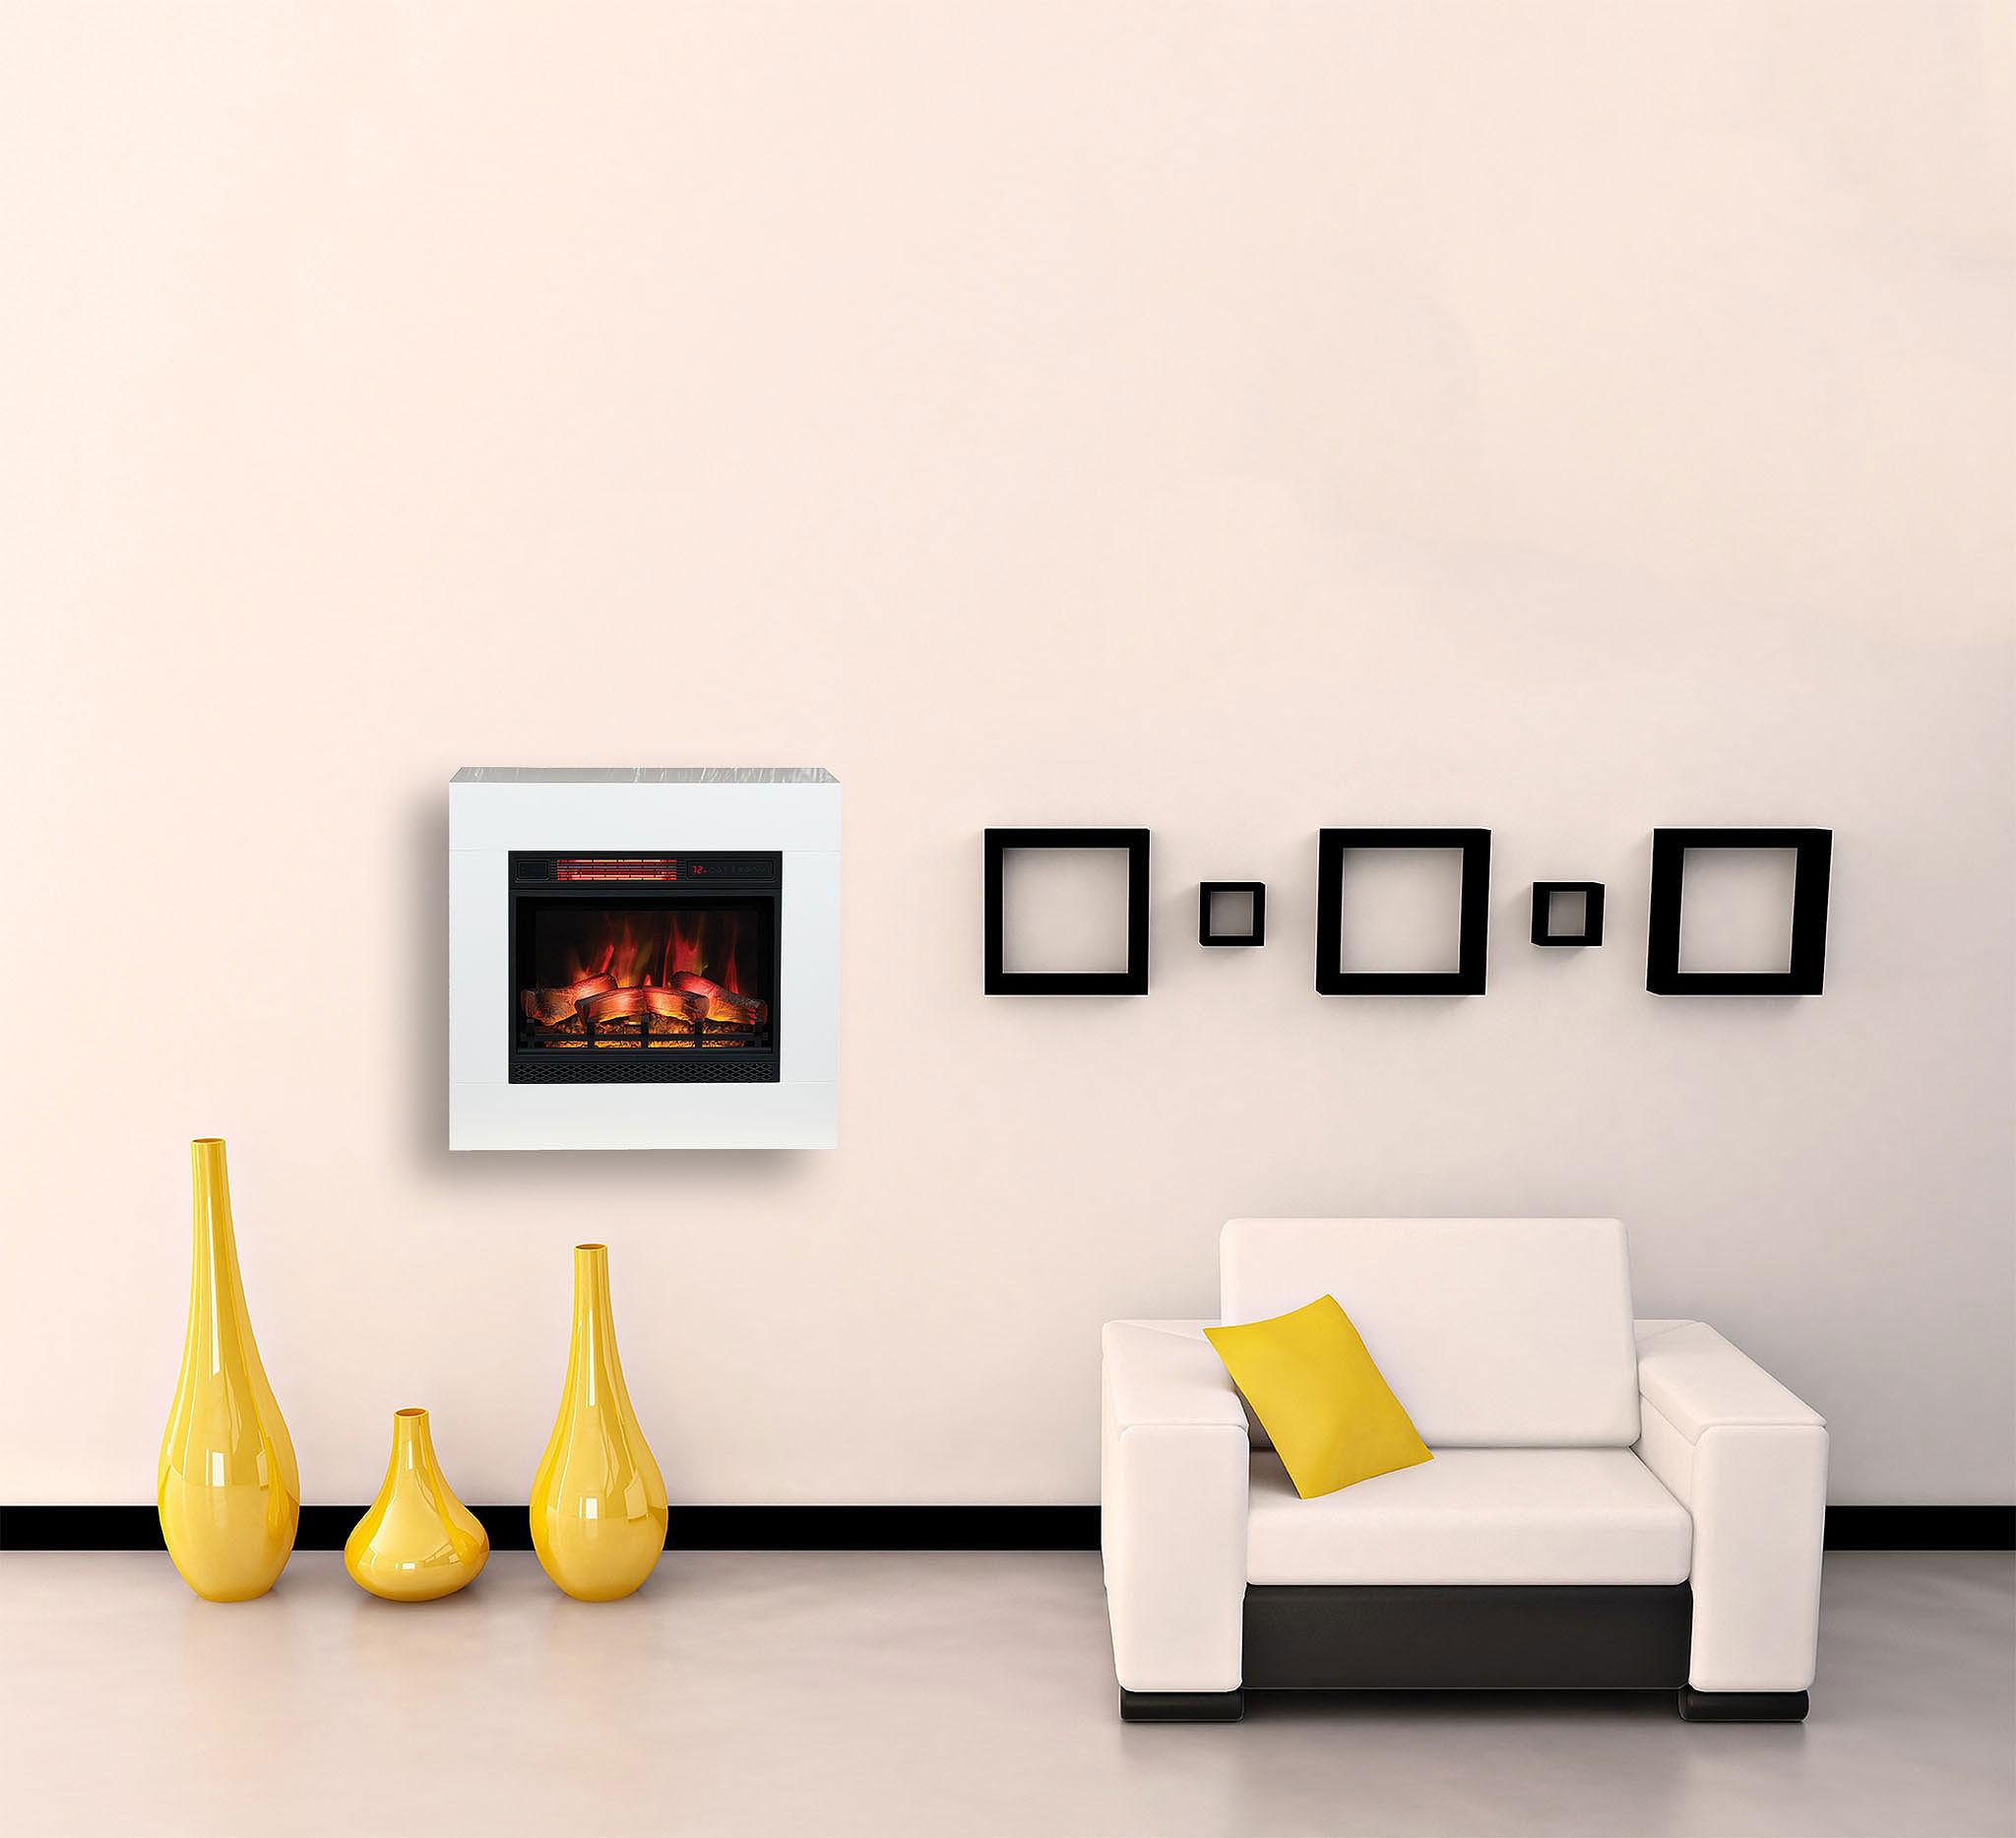 Картинка: Кресло, вазы, декор, дизайн, электрокамин, рамки